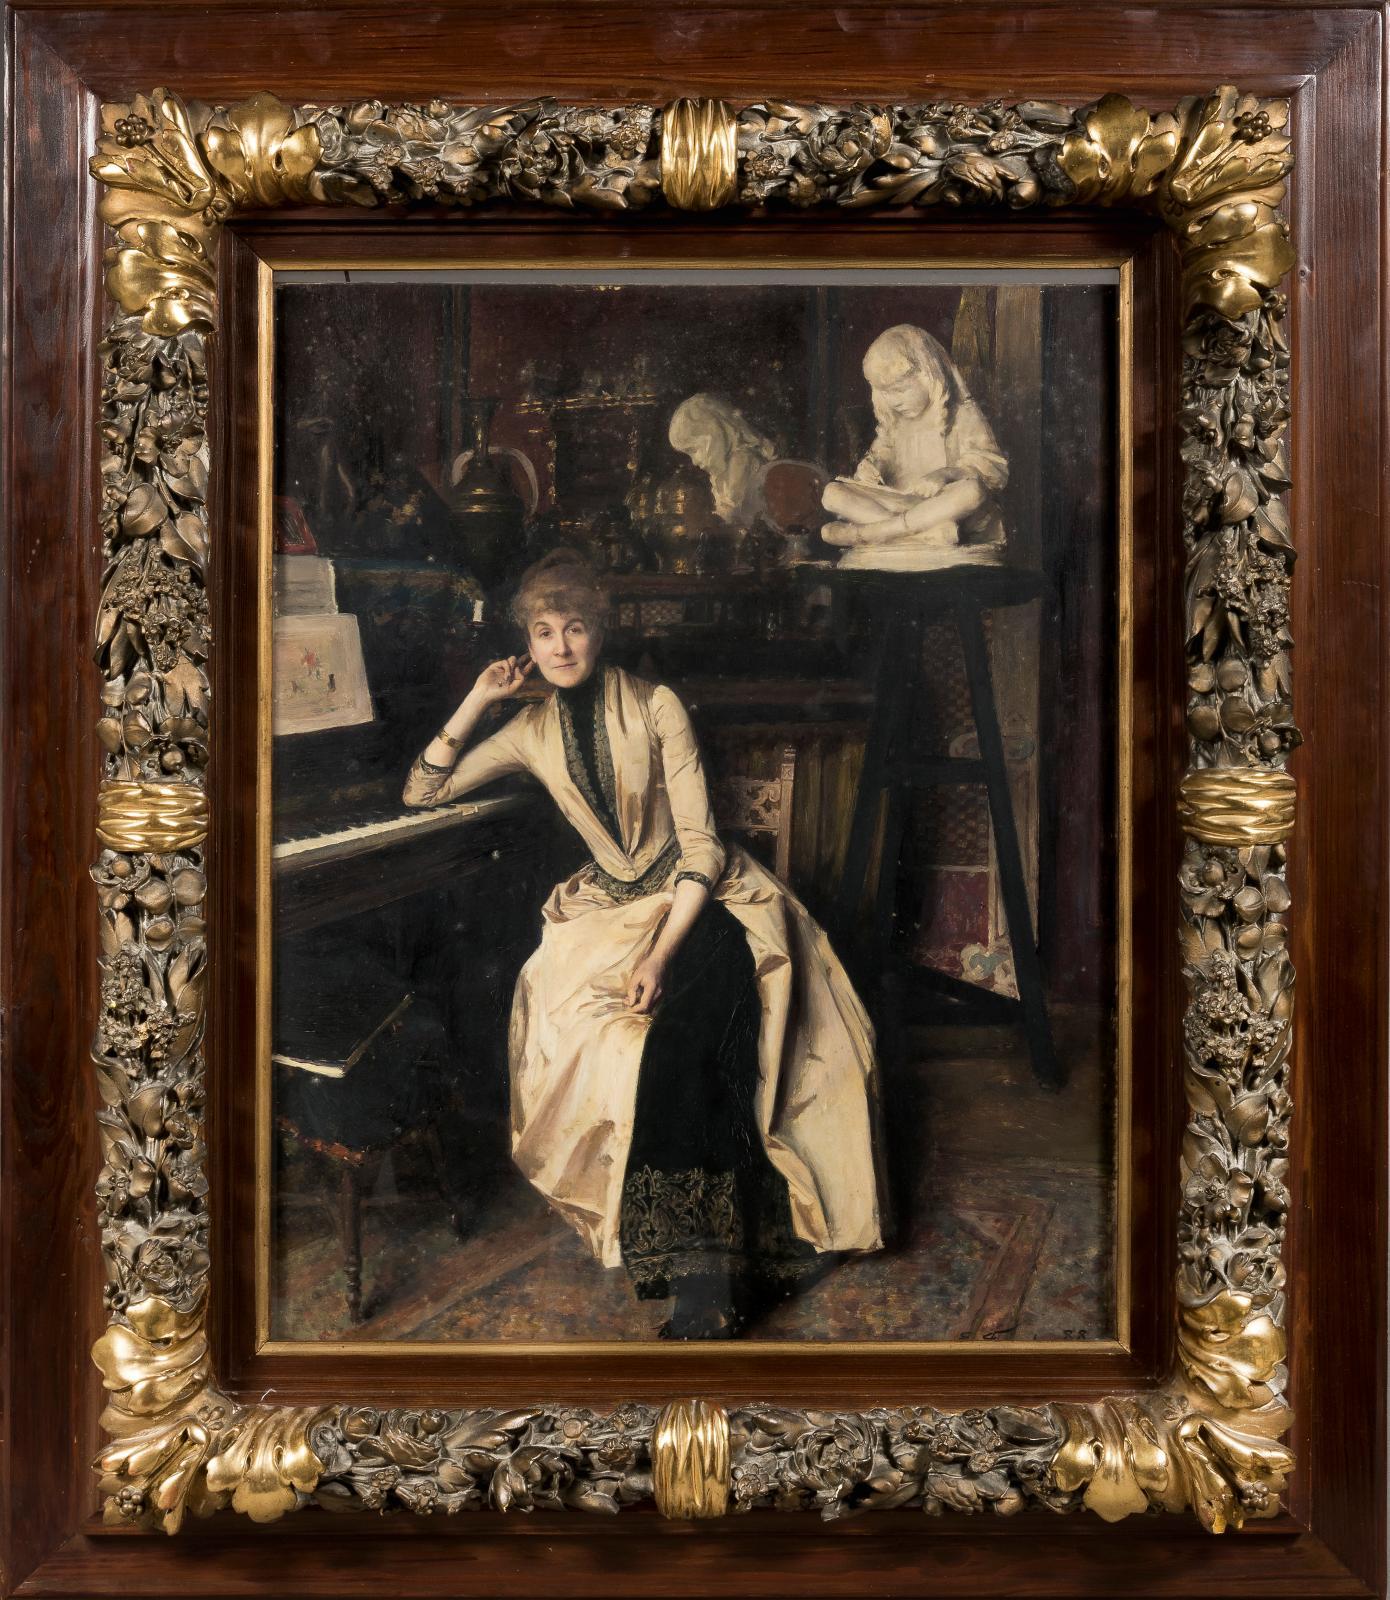 Émile Friant, Portrait de Madame Gustave Paul, 1888, huile sur panneau, 54,5x45cm. Adjugé: 122360€